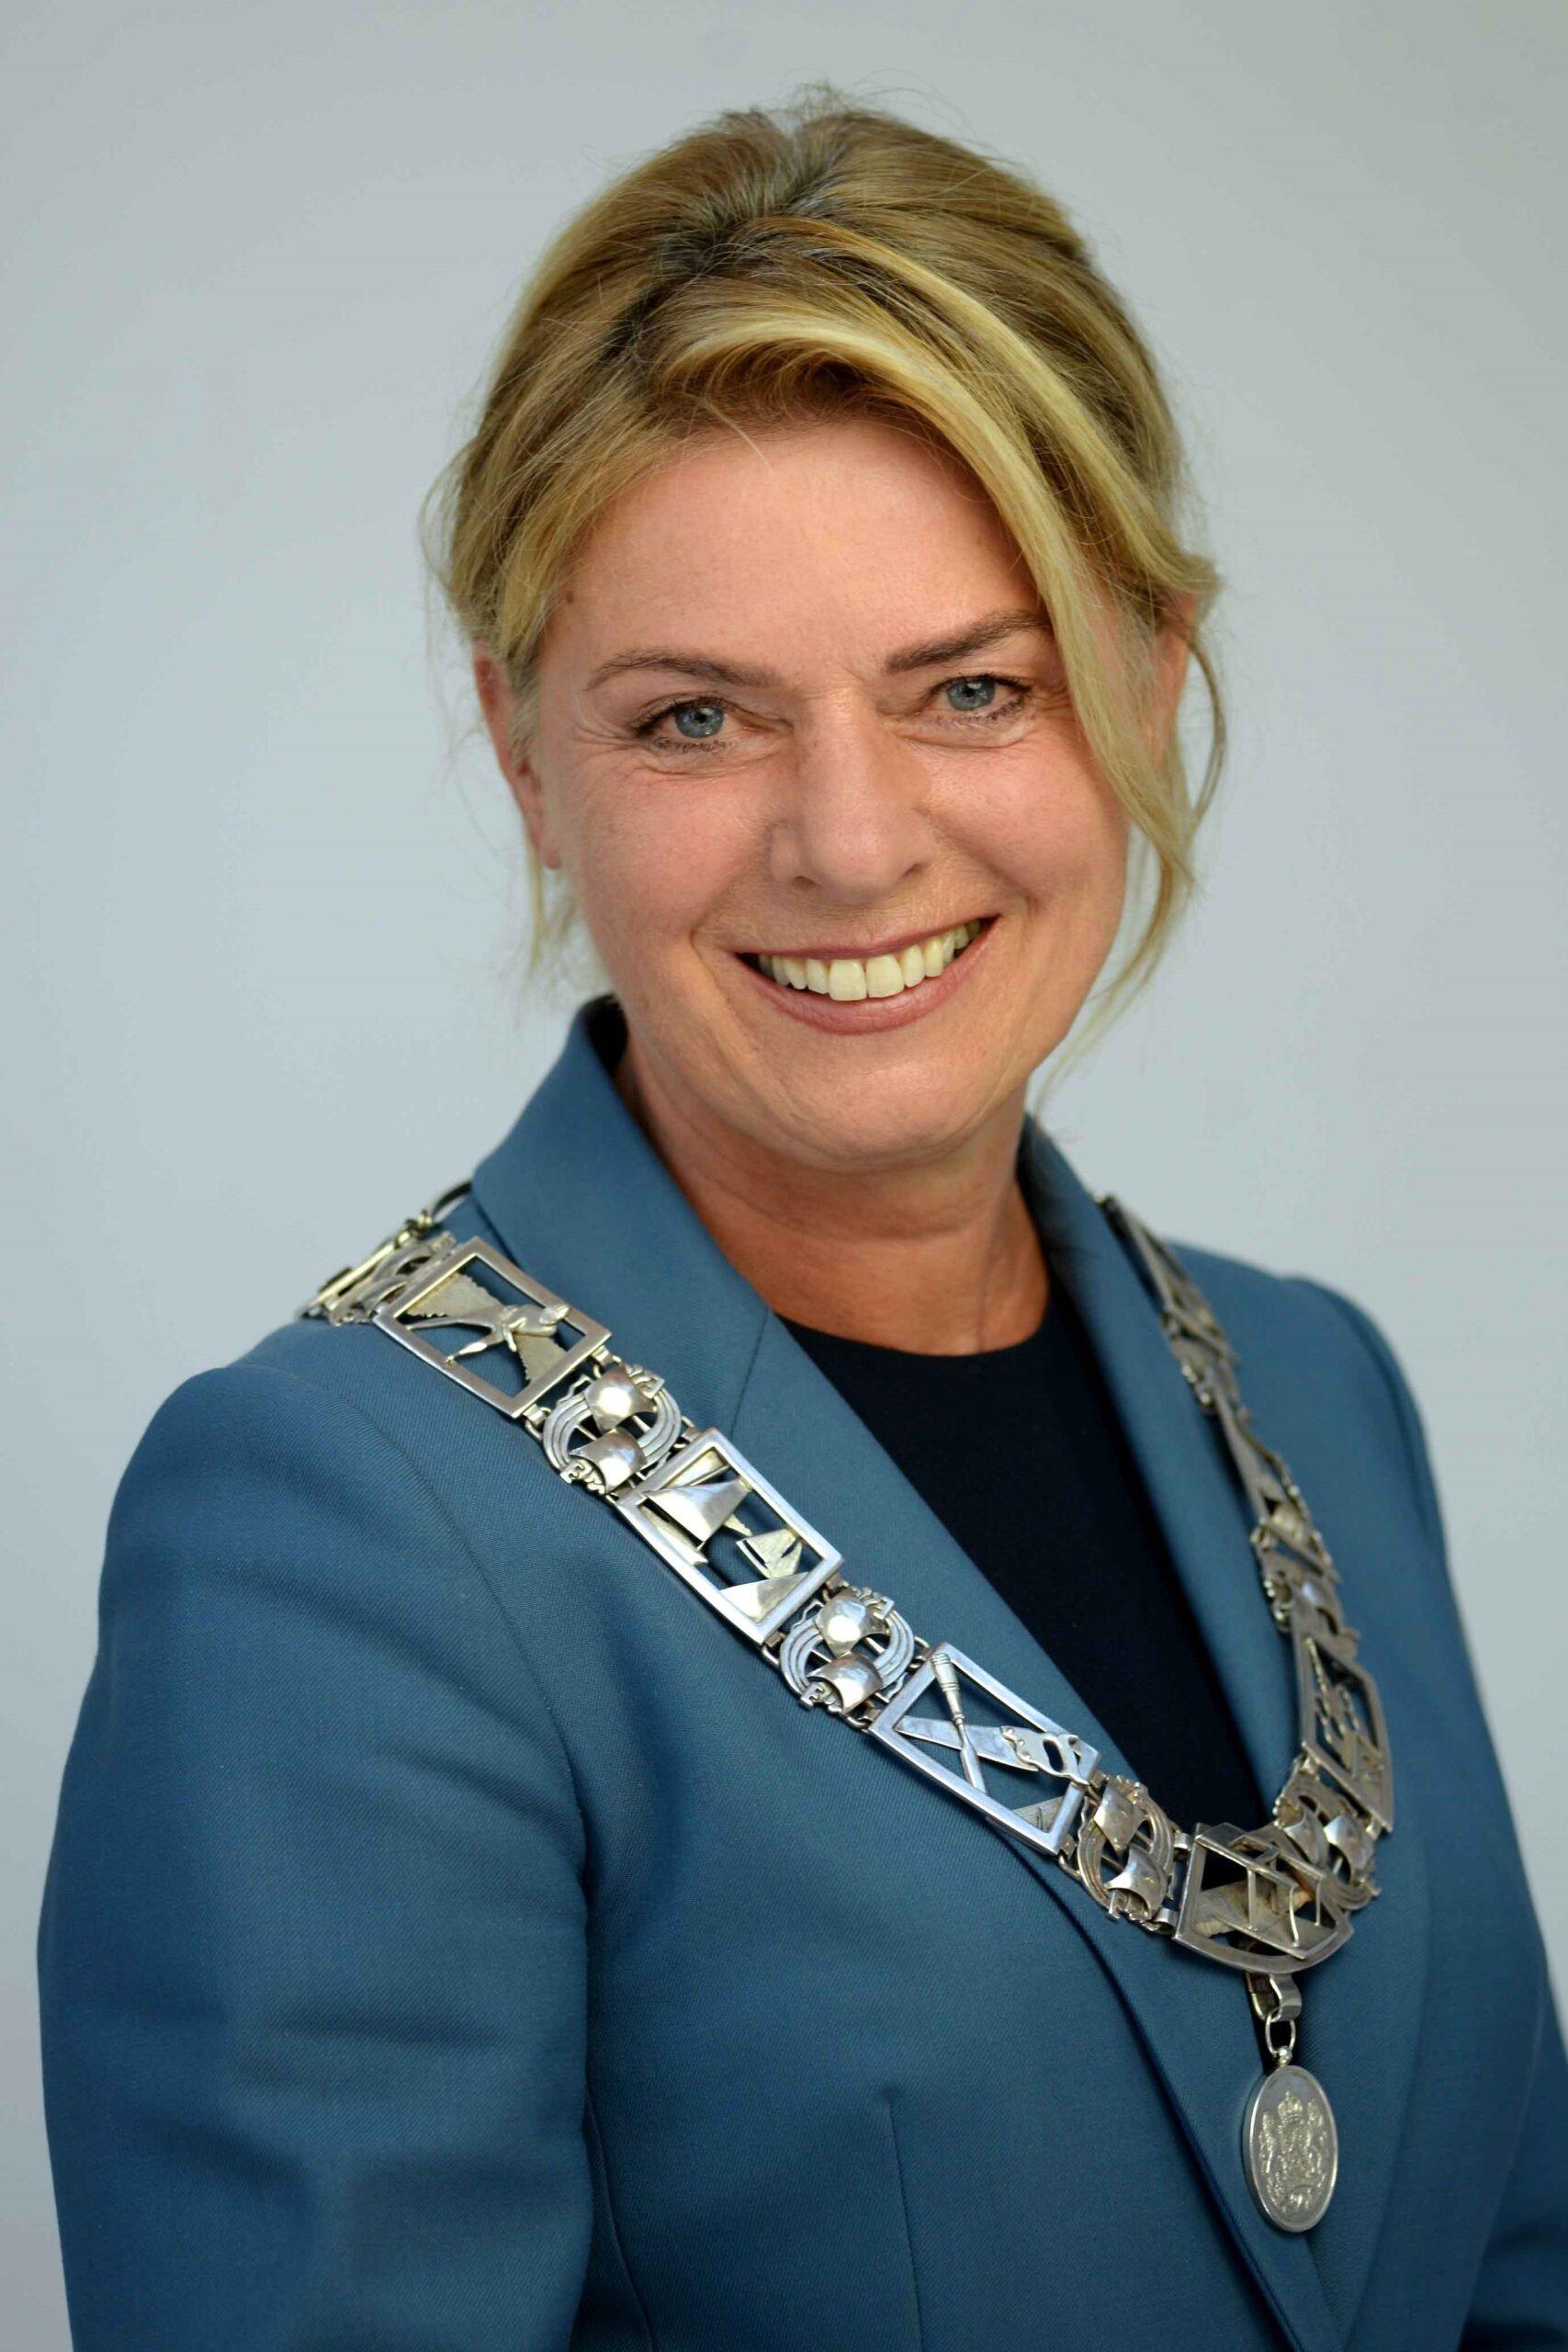 portretfoto burgemeester jannewietske de vries